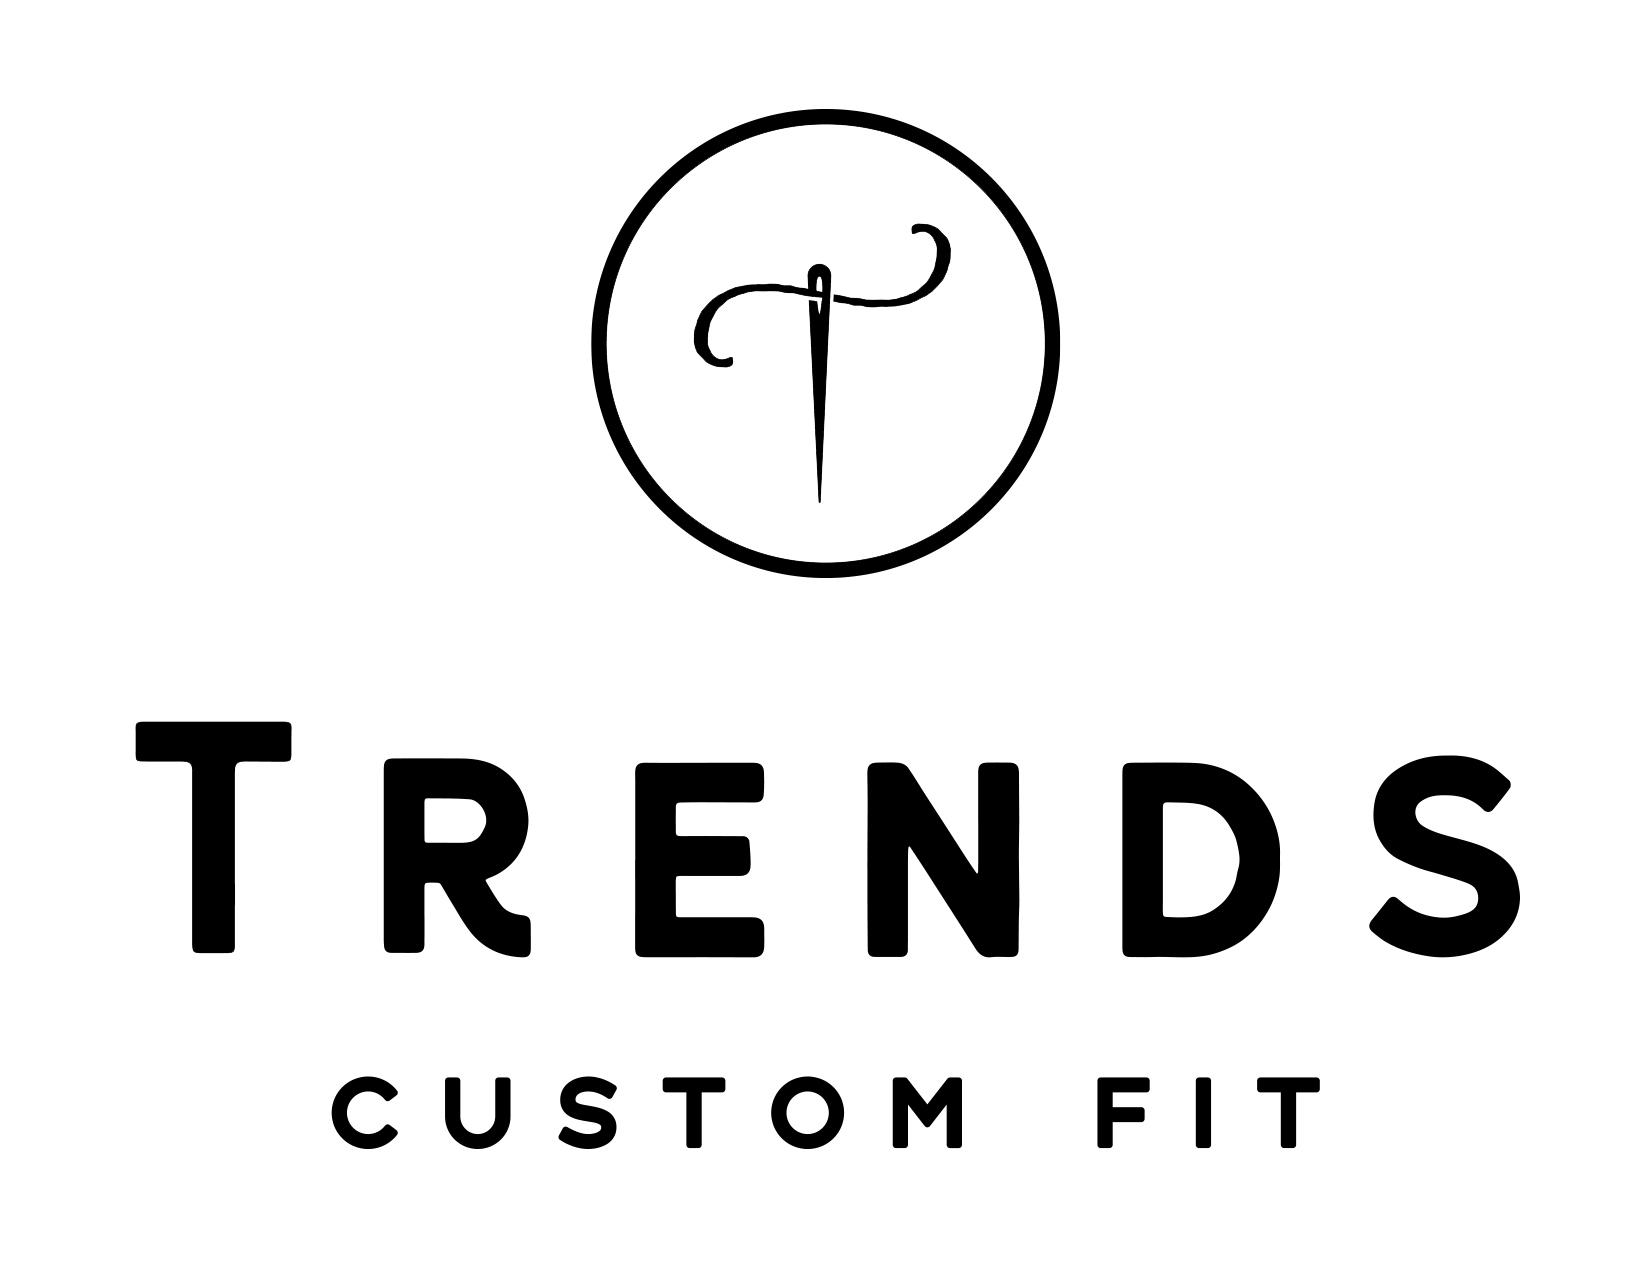 Trends_Logo_Black.jpg